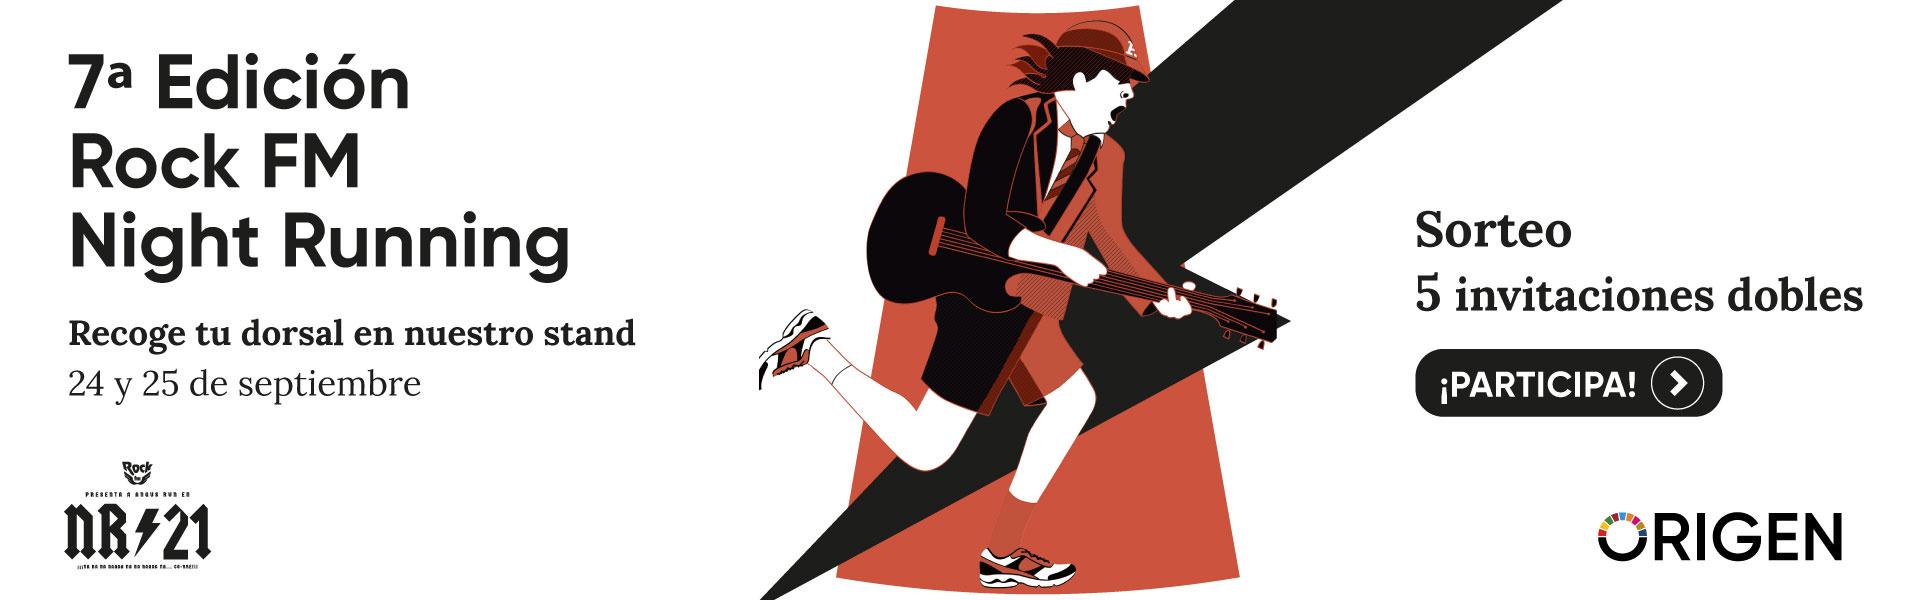 Rock FM Night Running